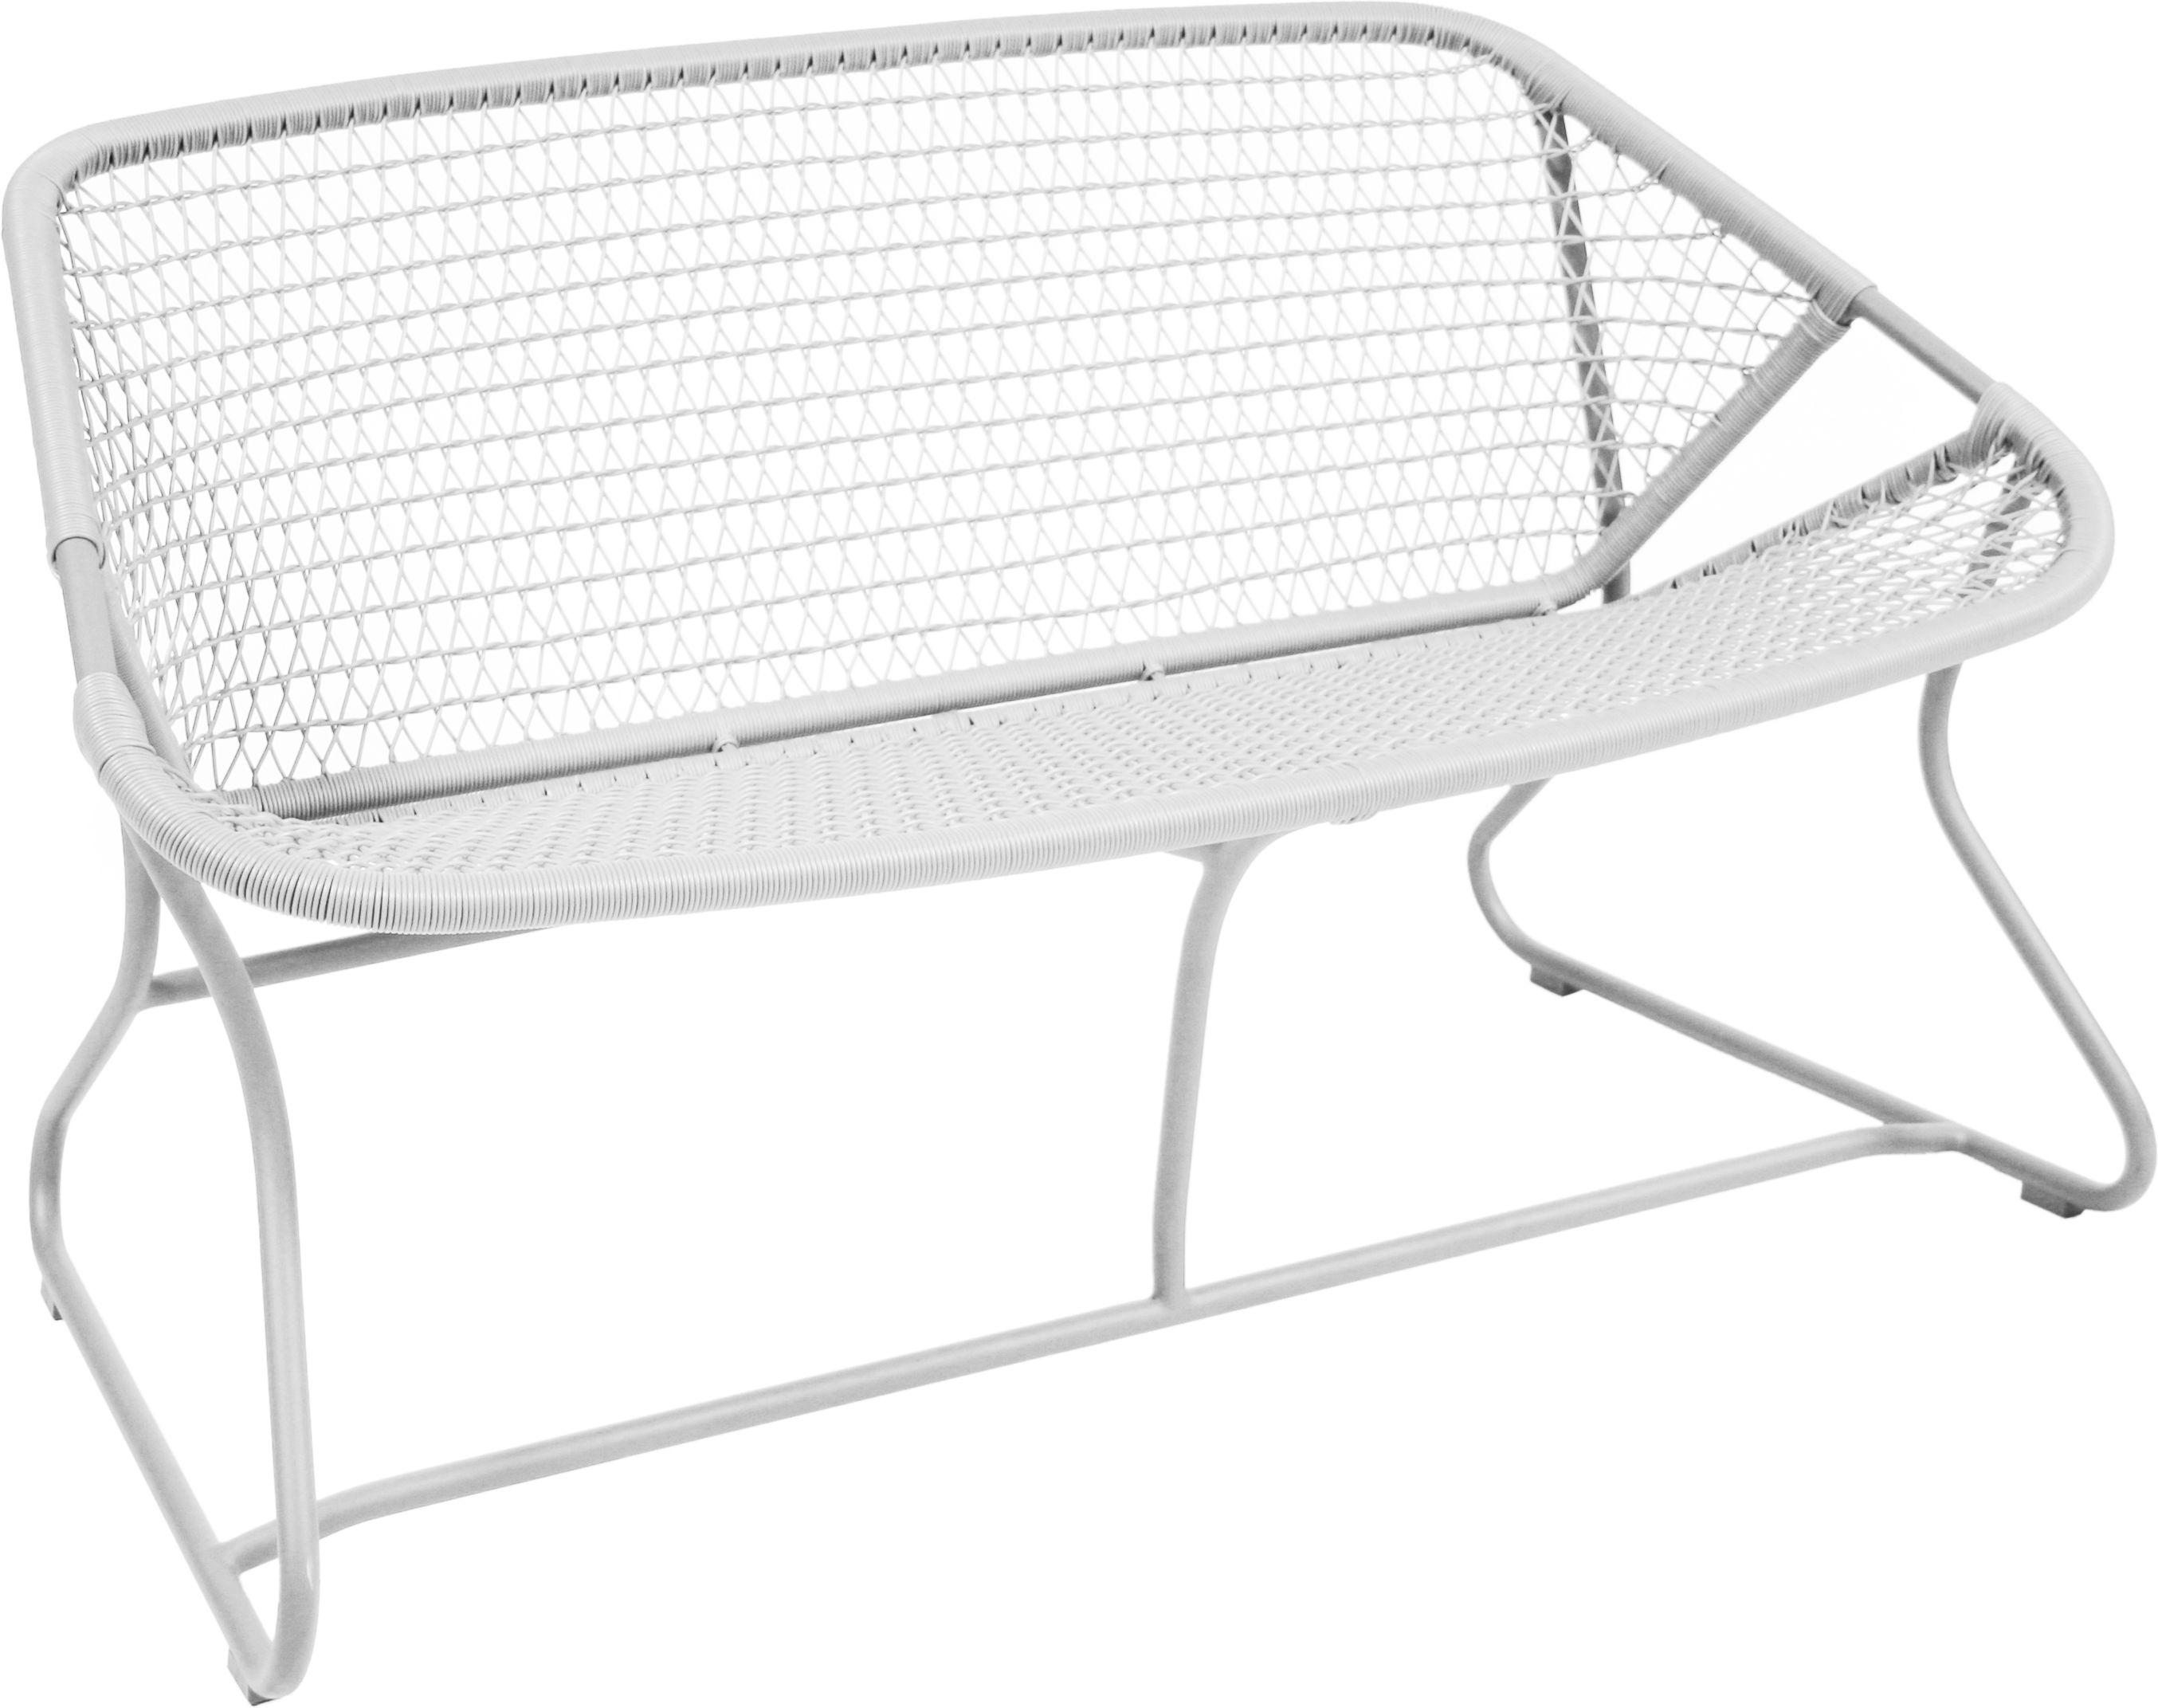 Arredamento - Panchine - Divano 2 posti Sixties di Fermob - Gambe bianche / Seduta bianca - Alluminio, Materiale plastico